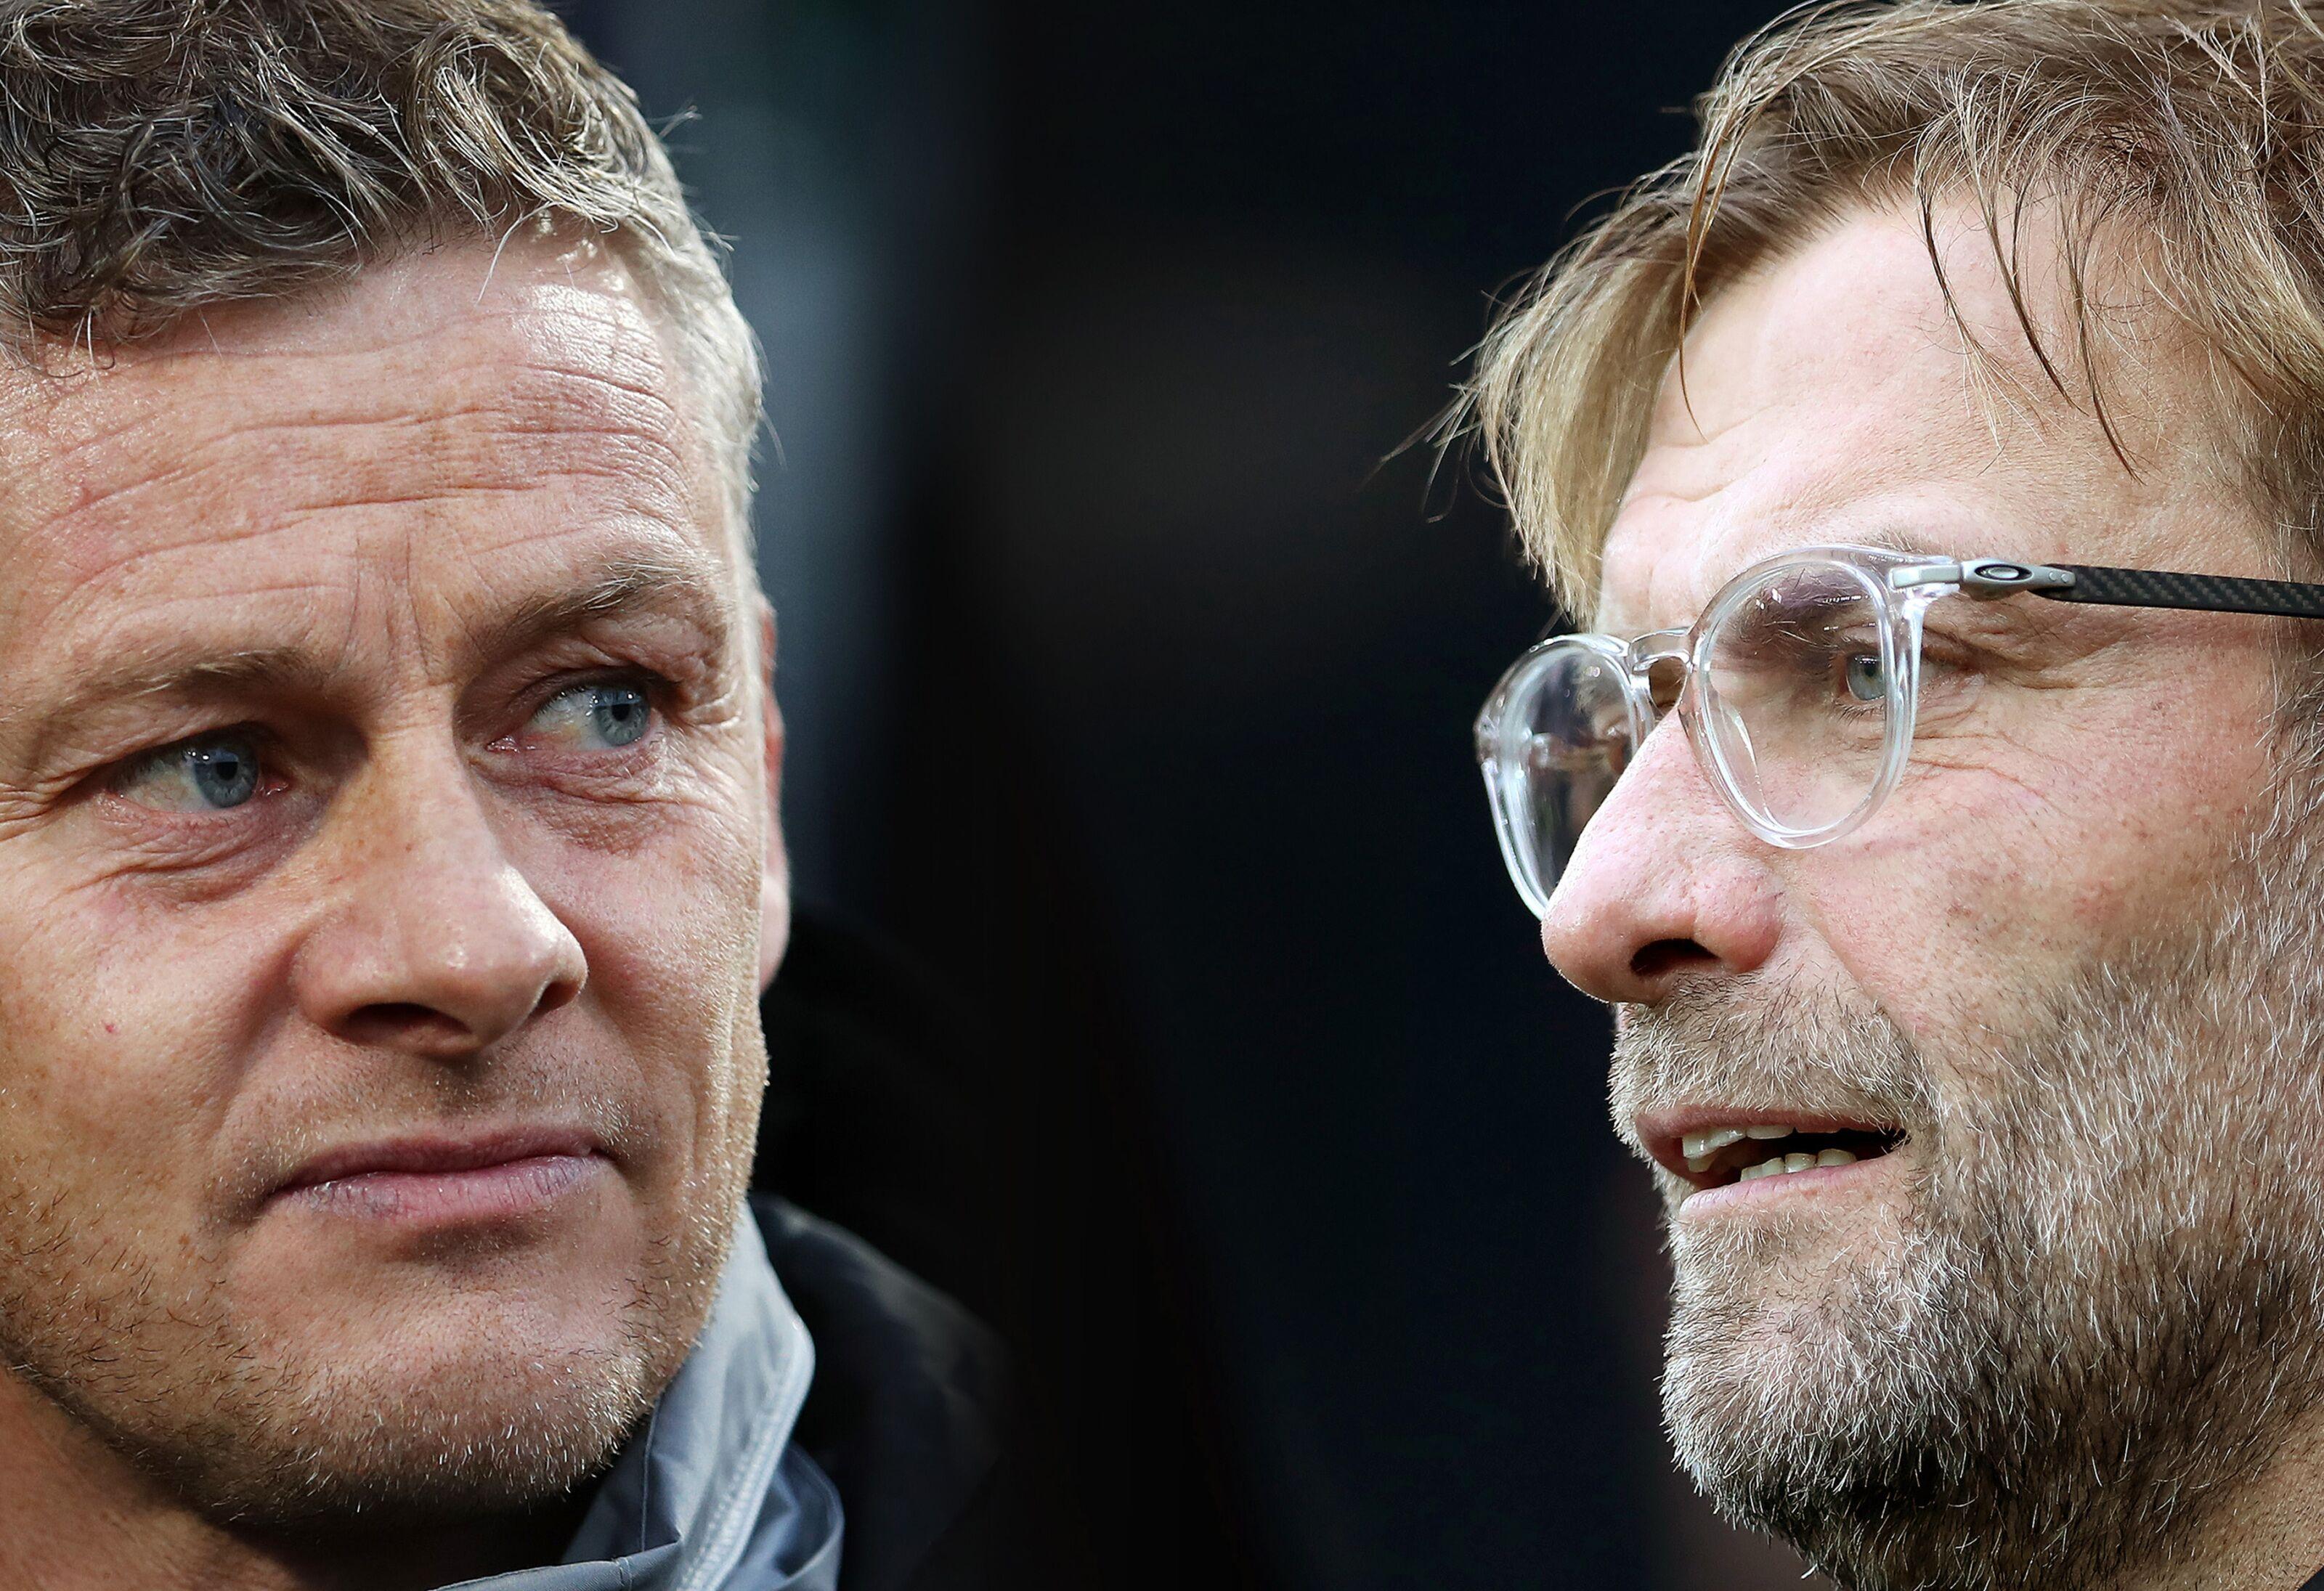 Manchester United: Solskjaer to make huge risk against Liverpool